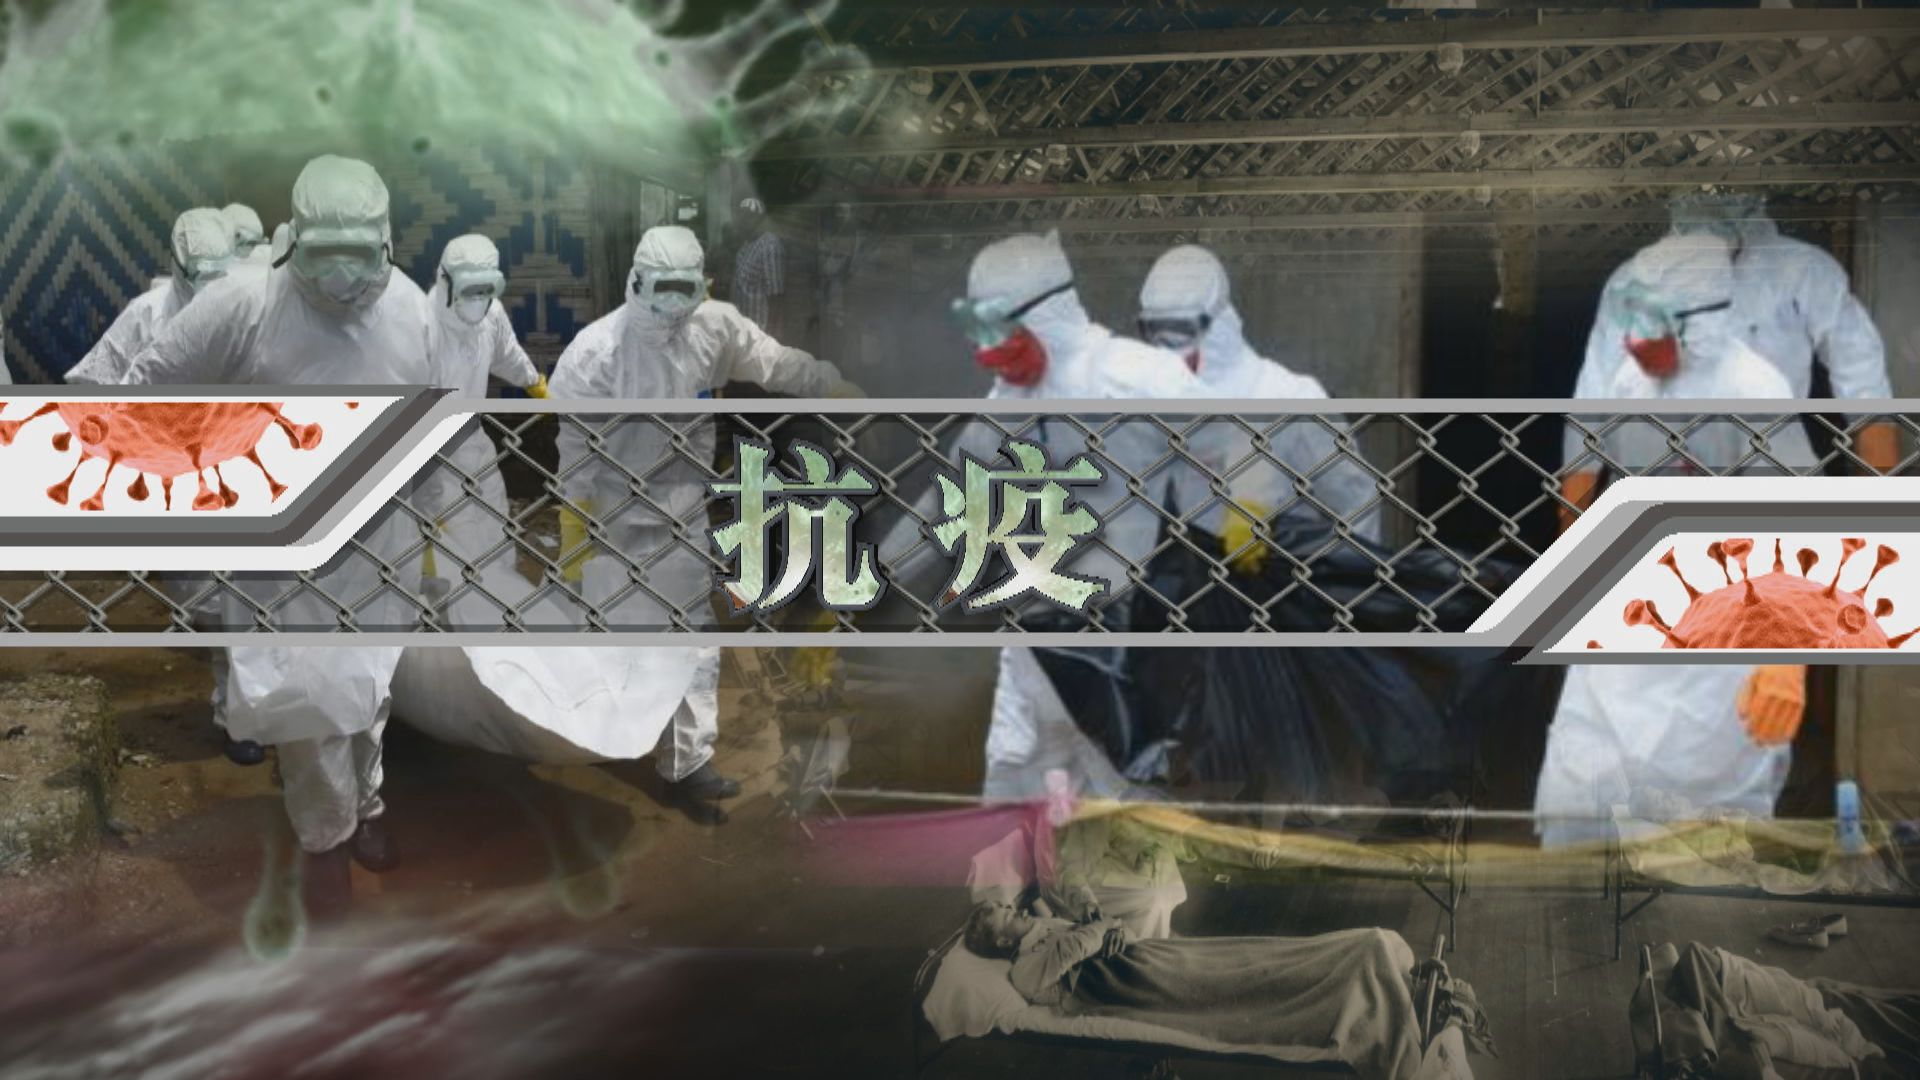 【新聞智庫】美國機械人專門「招呼」新型冠狀病毒確診者